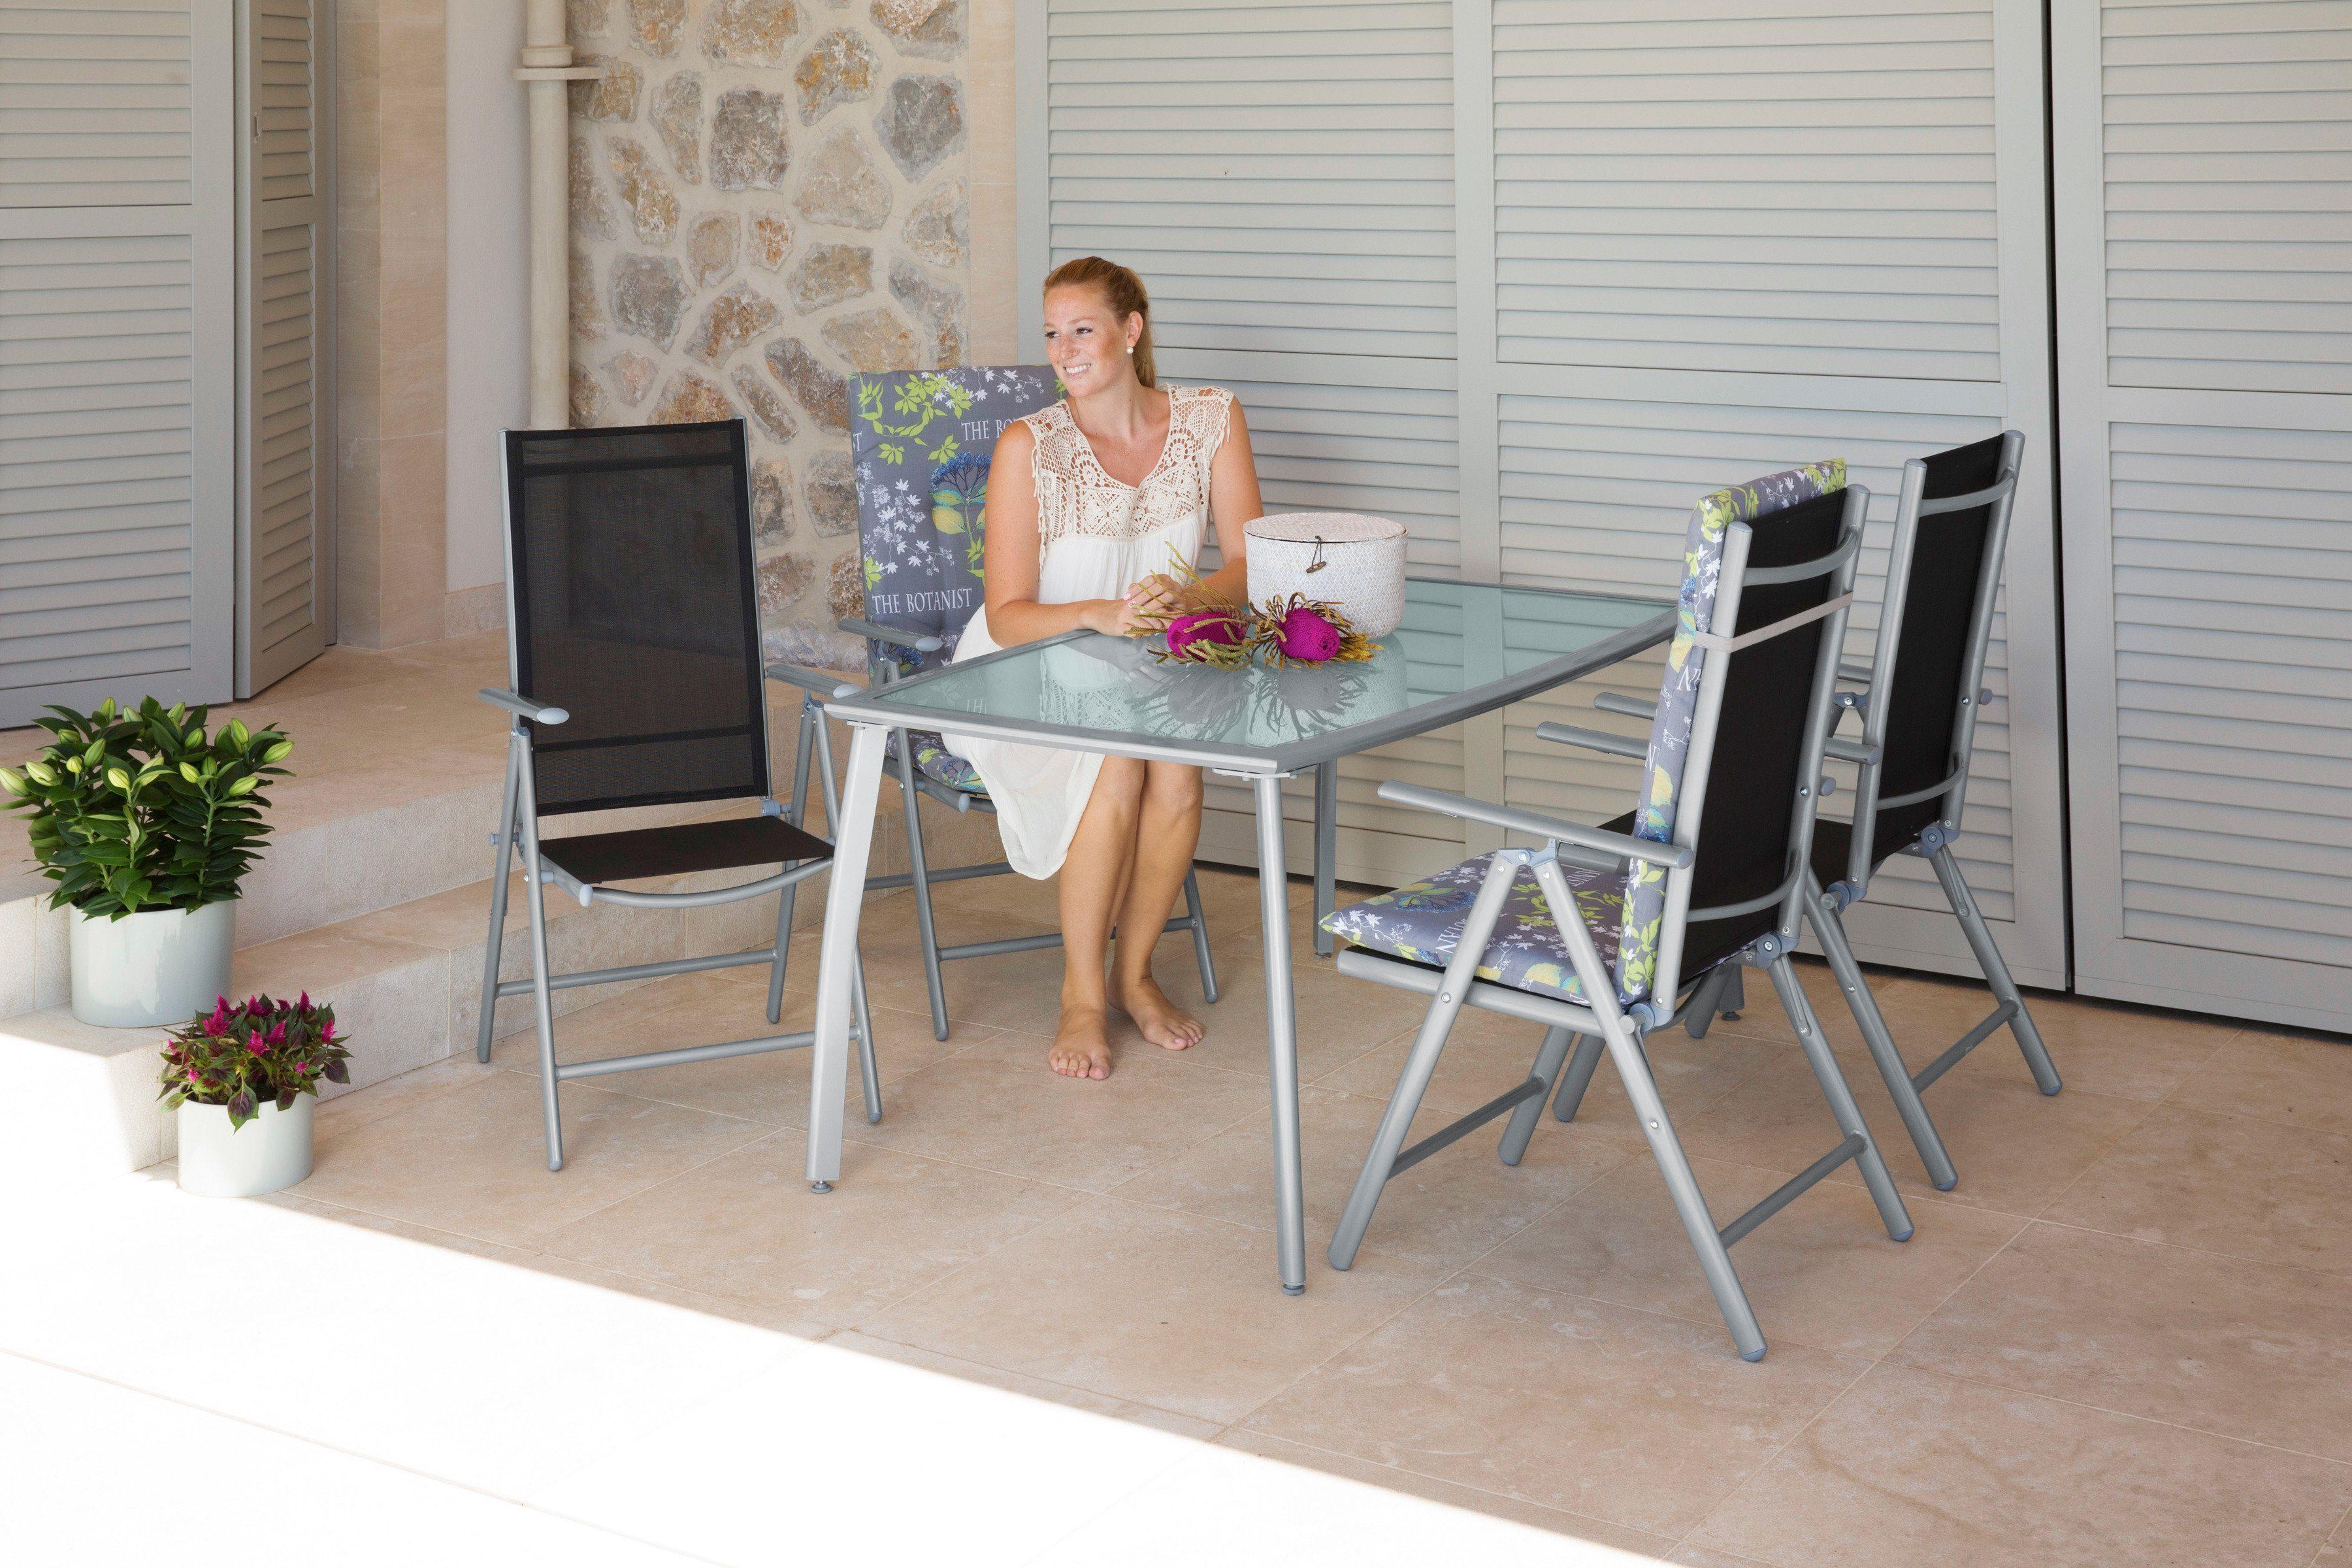 Gartenmöbelset »Lima«, 5-tgl., 4 Hochlehner, Tisch 150x90 cm,Alu/Textil, schwarz